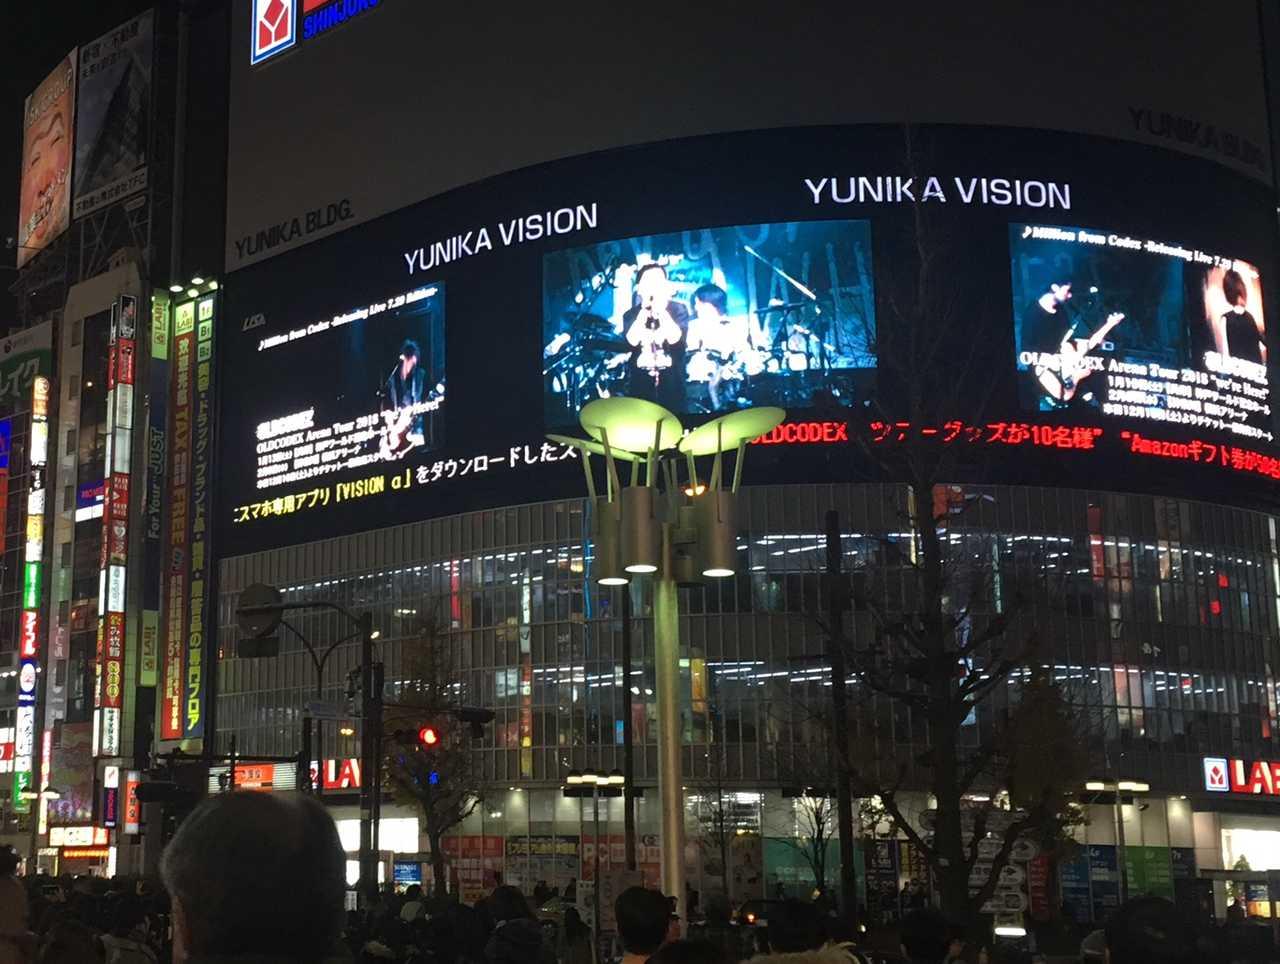 ユニカビジョン「OLDCODEX 特集」